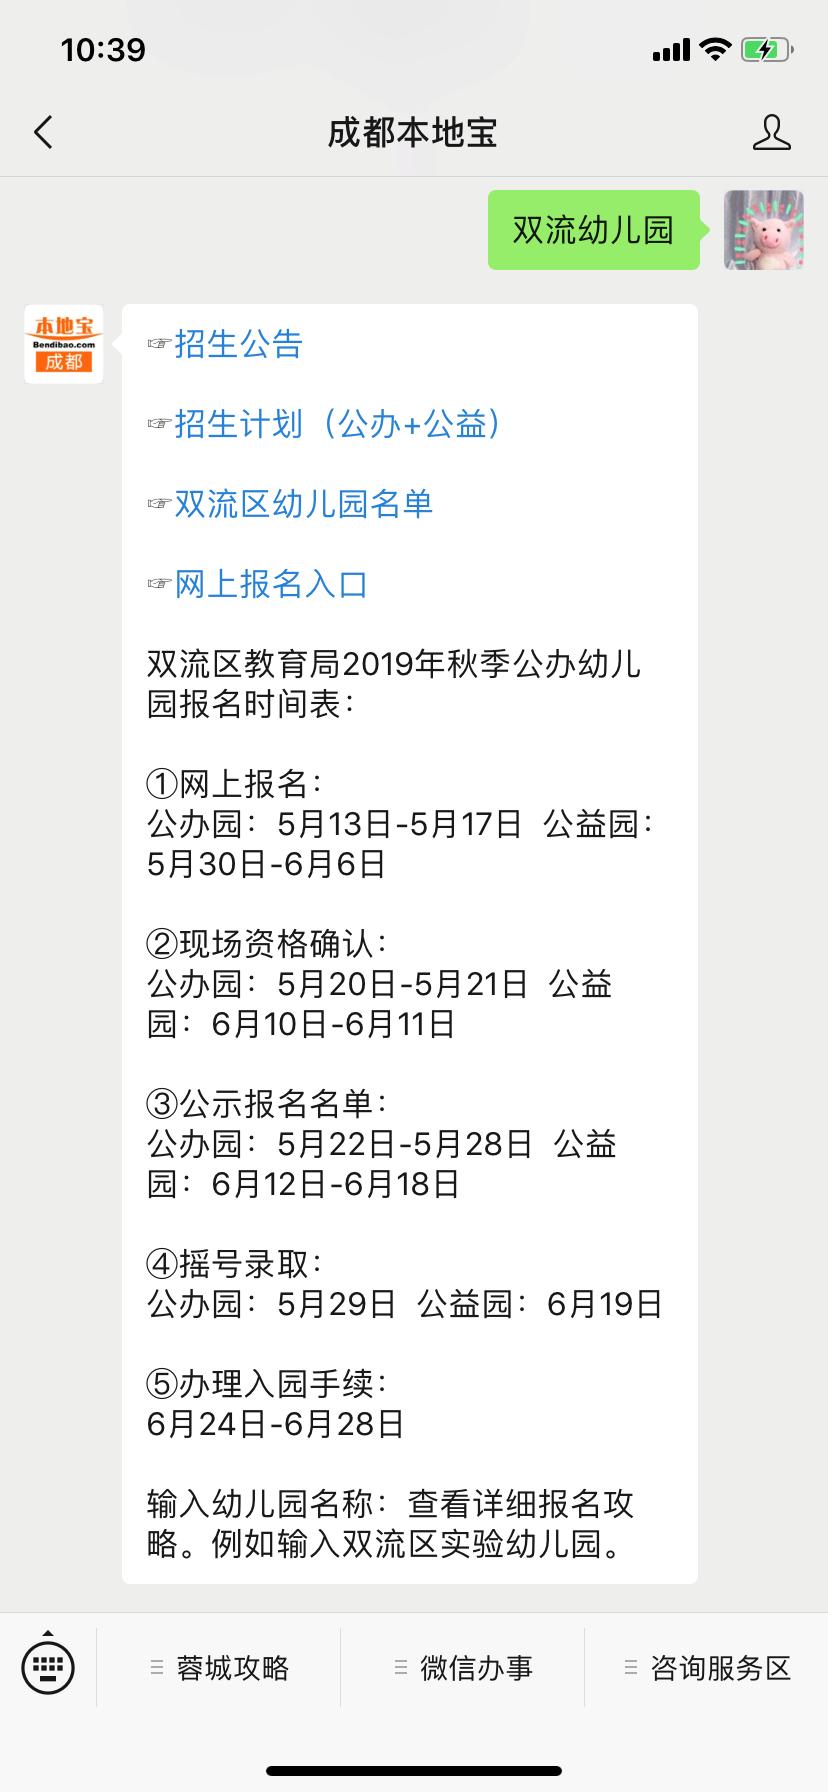 2019年成都双流区幼儿园招生指南